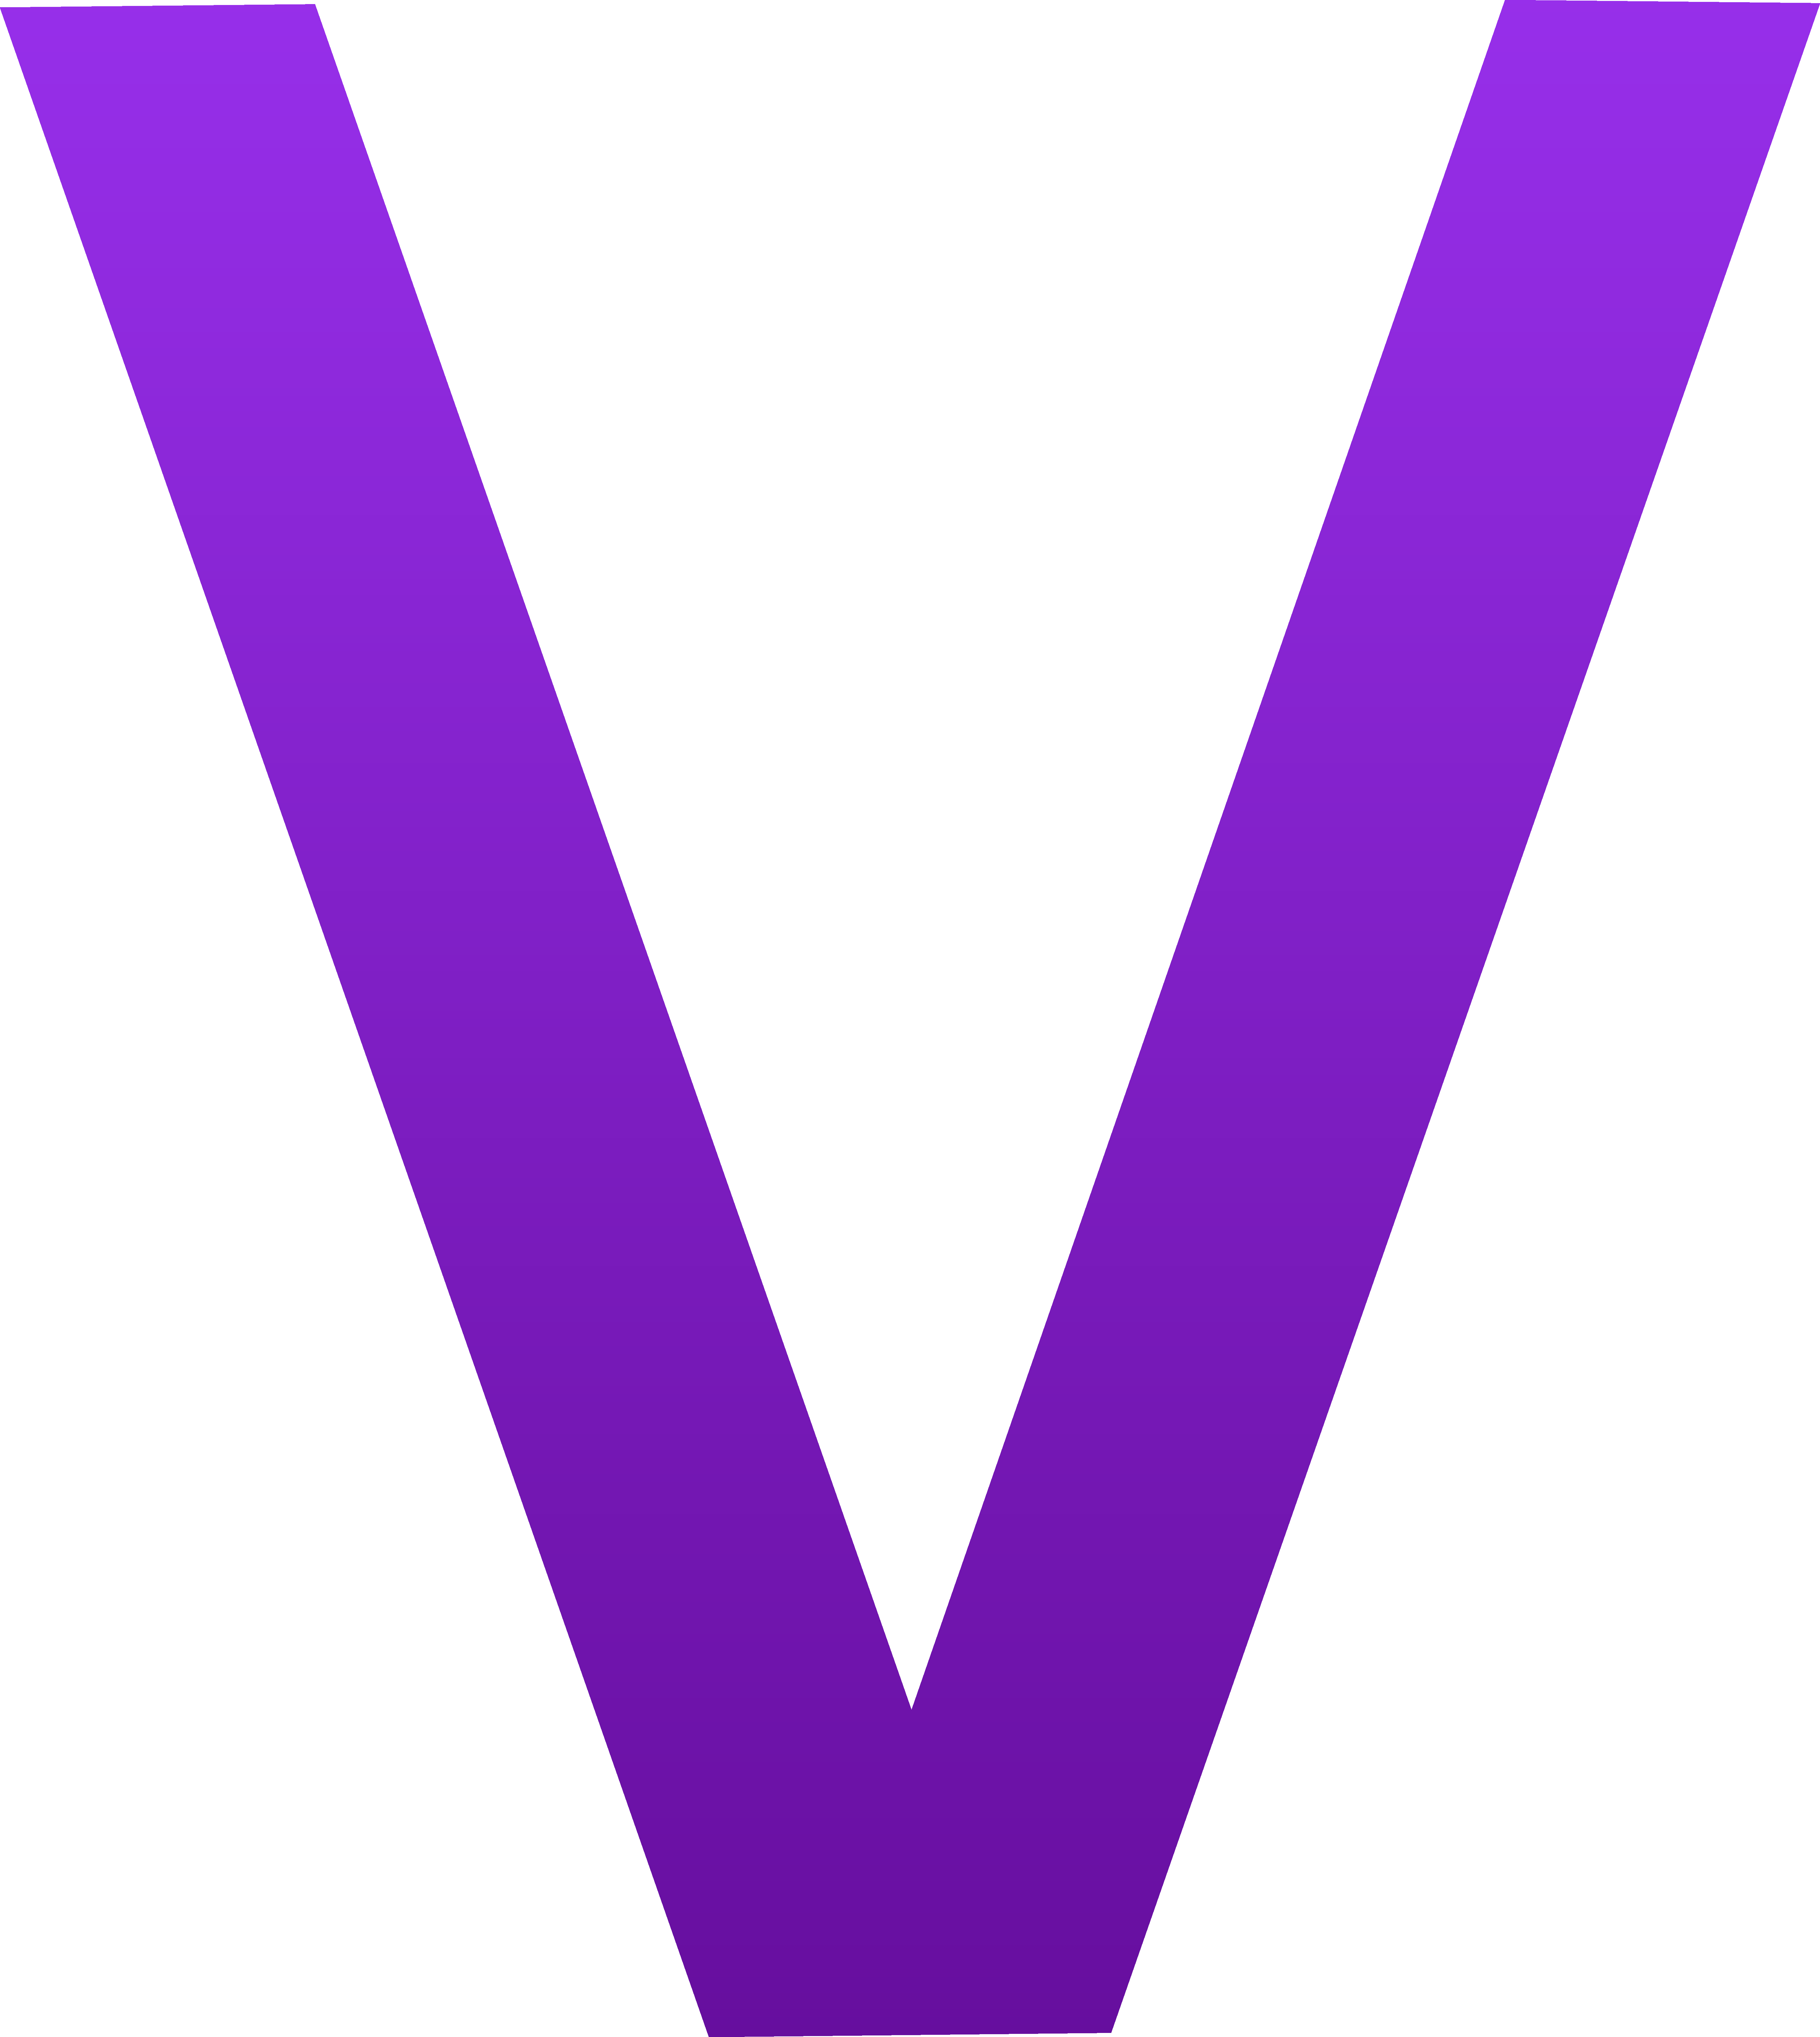 The Letter V.